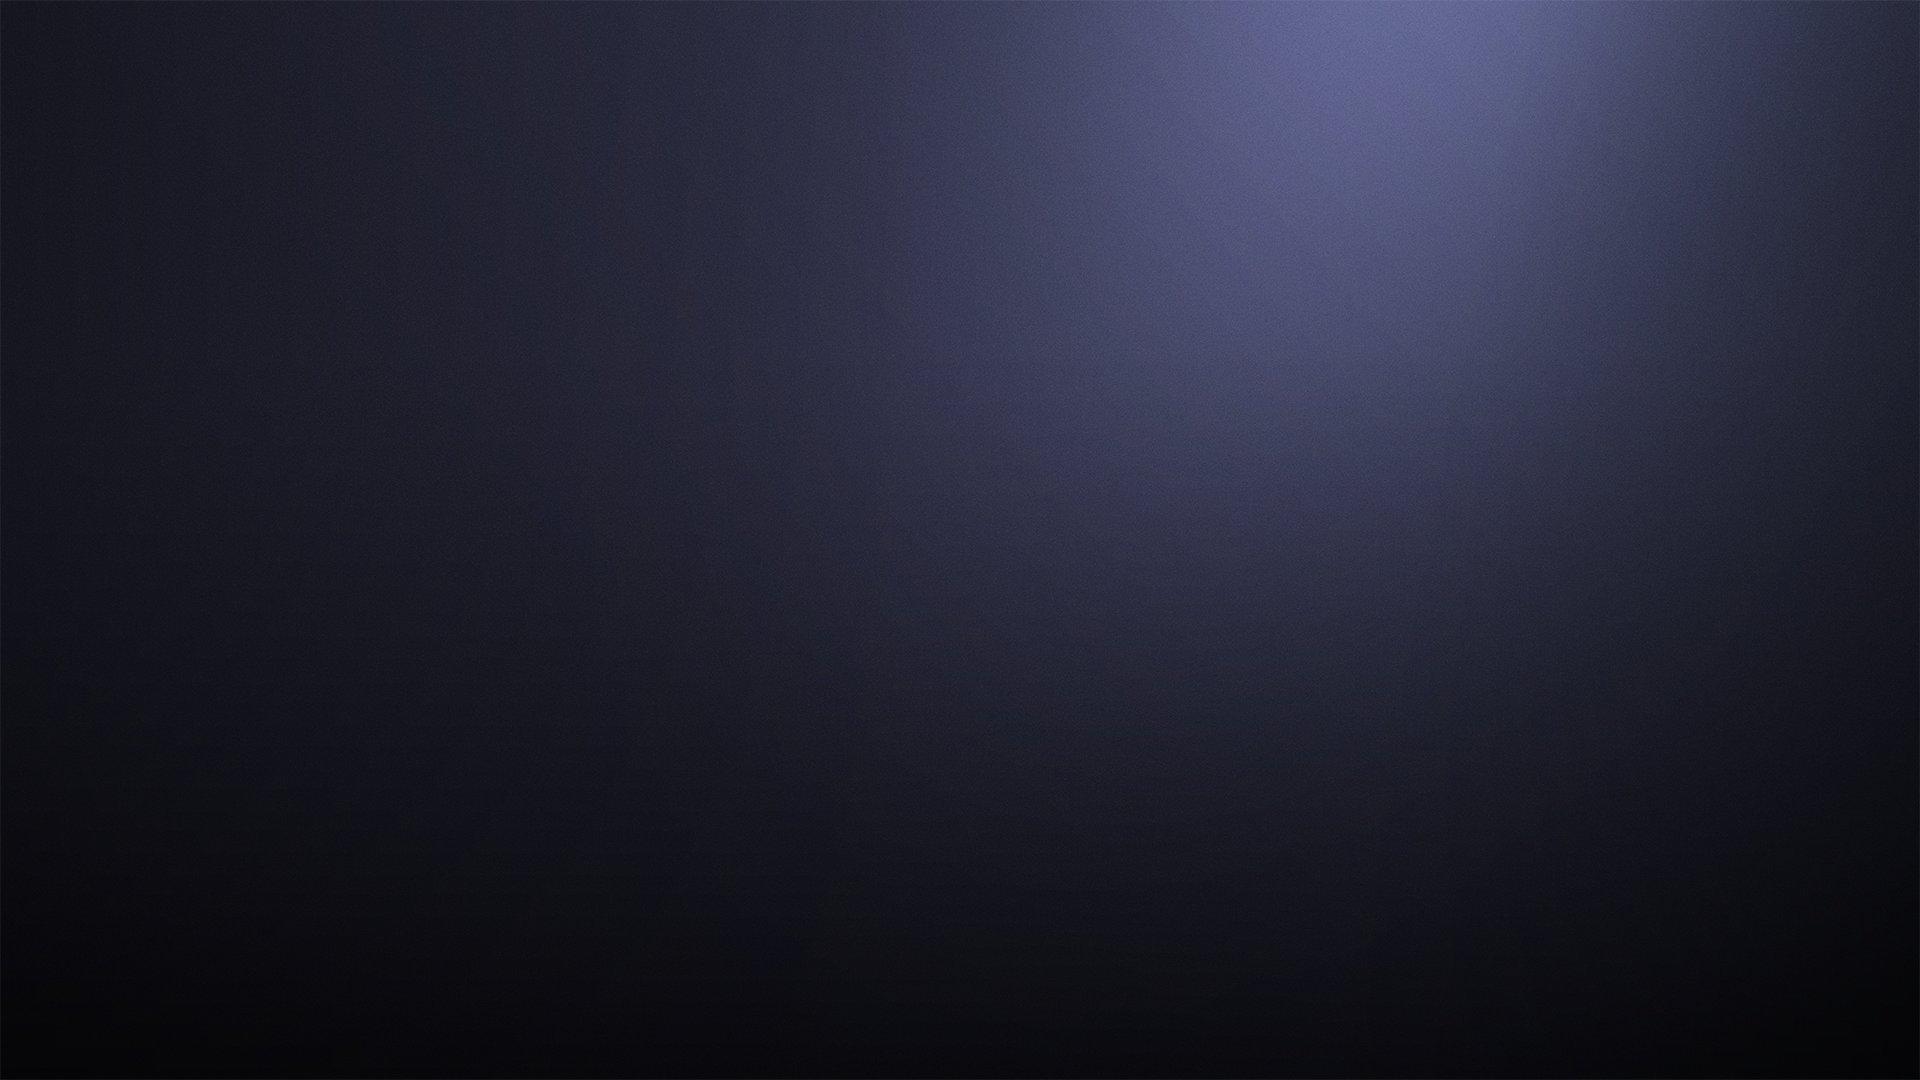 fond Good Doctor - S04 E03 - Les petits nouveaux